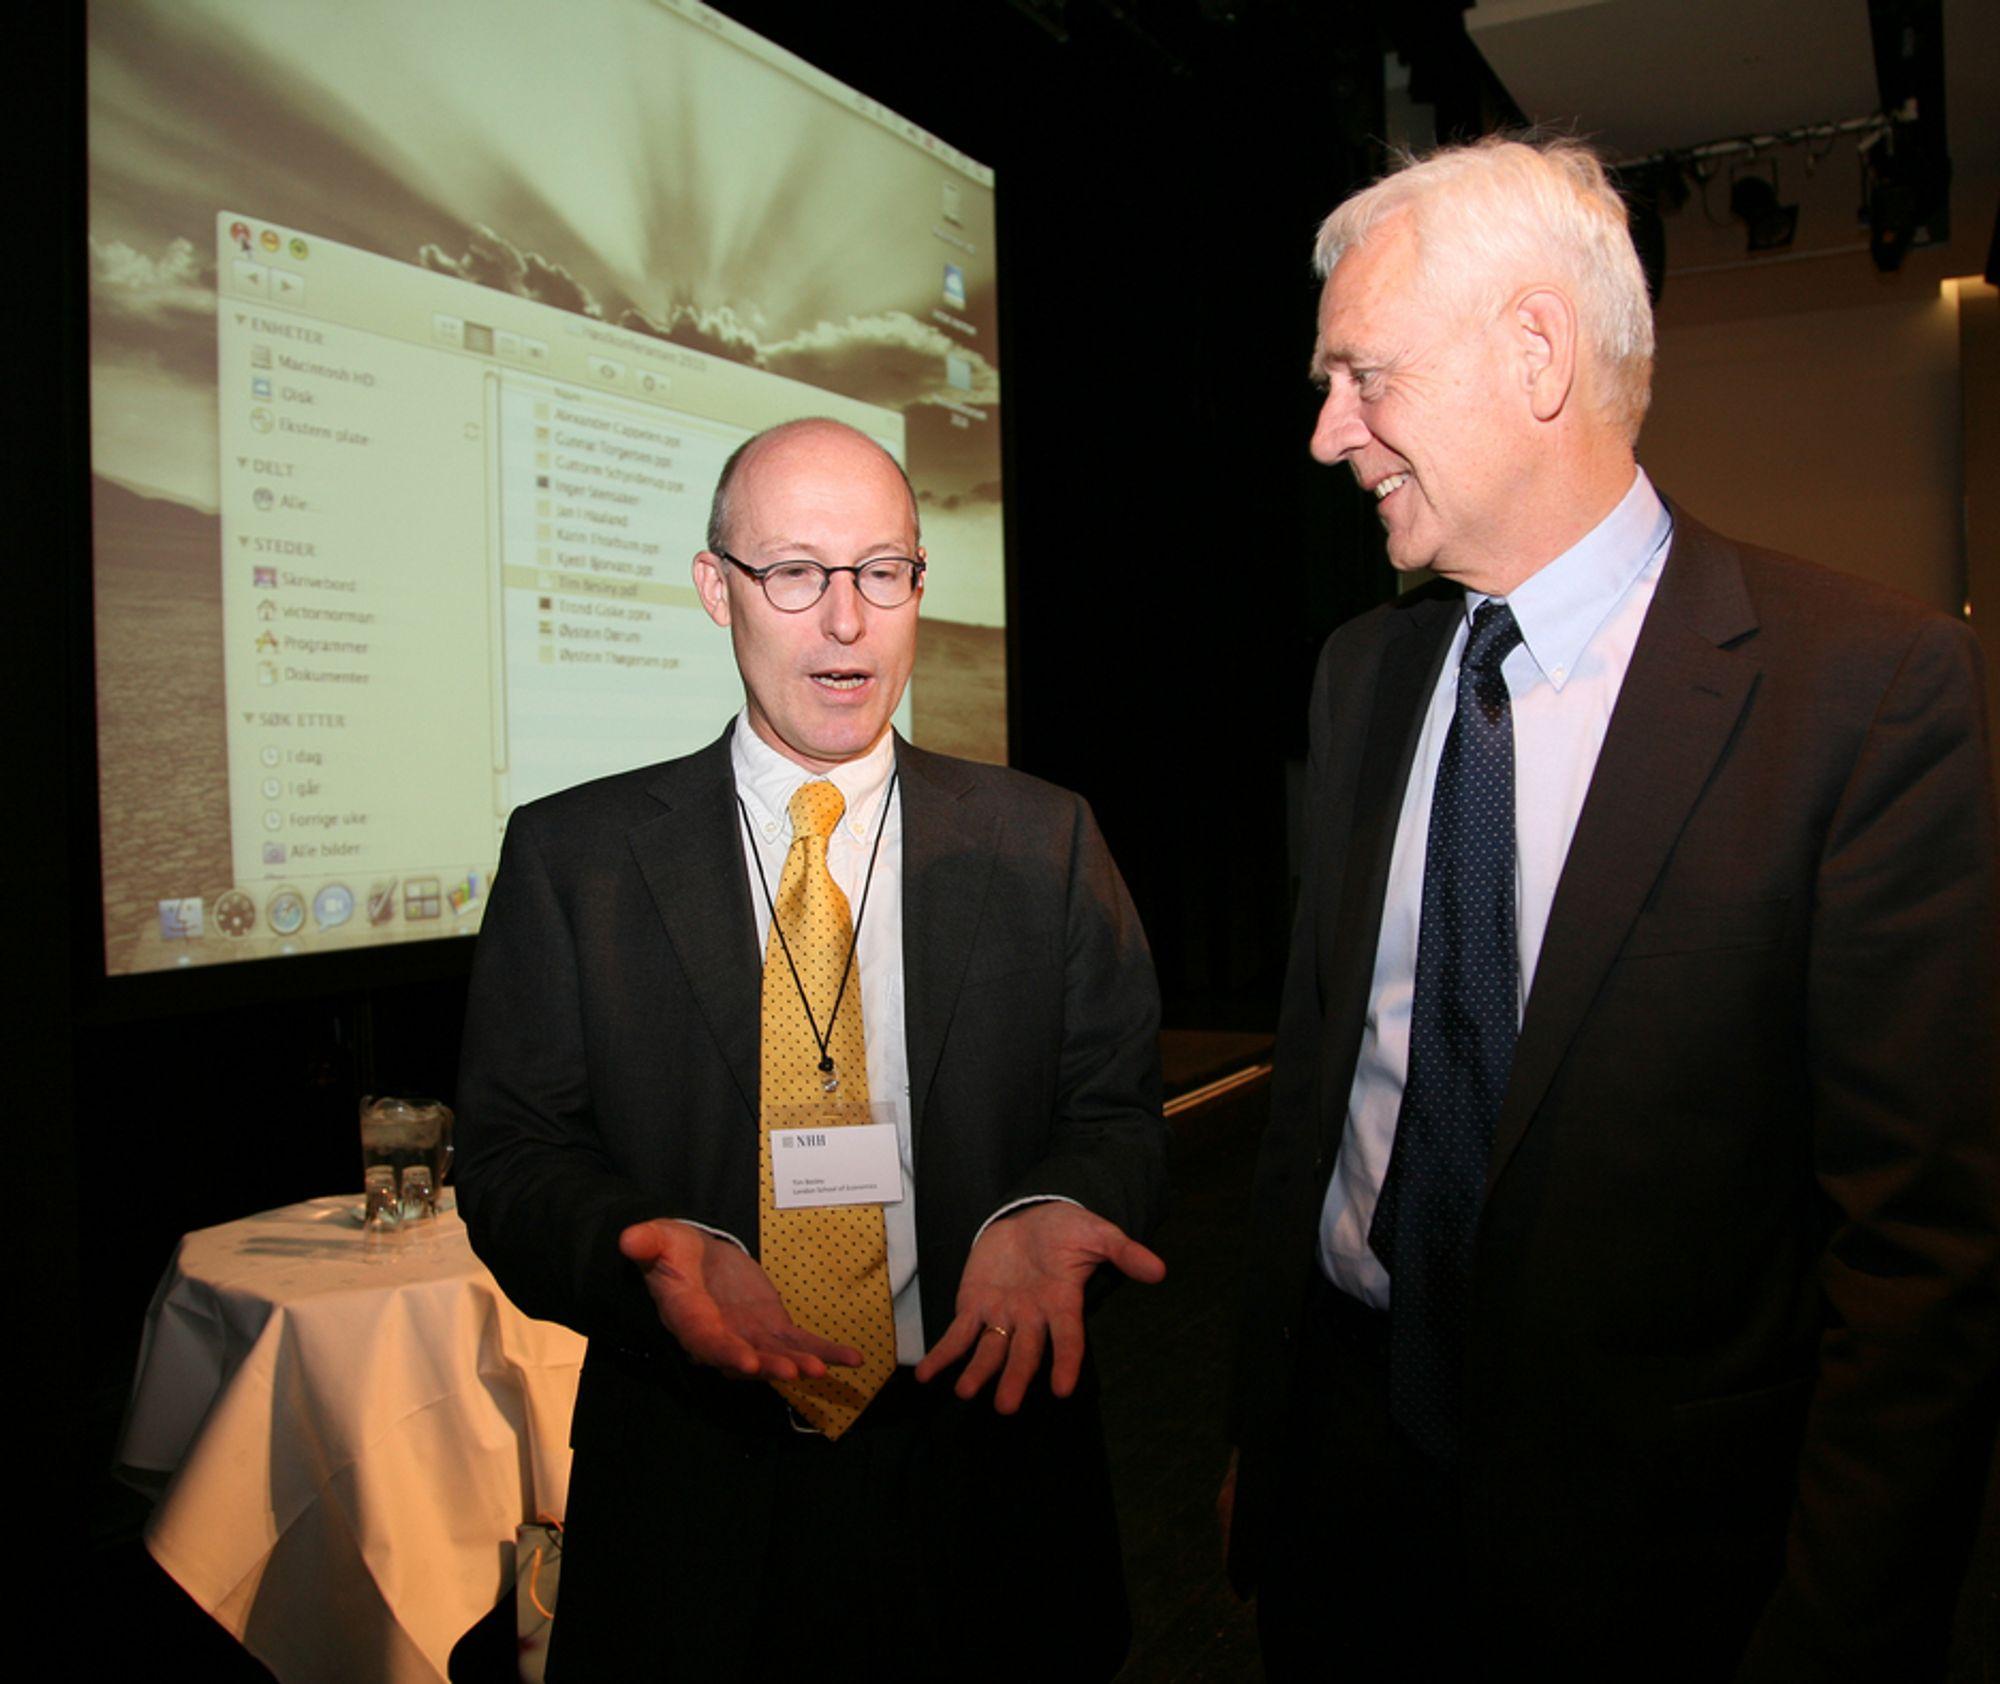 KONFERANSE: Etterpåklokskap er vidunderlig, mener LSE-professor Tim Besley (til venstre). NHH-professor Victor Normann nikker samtykkende.